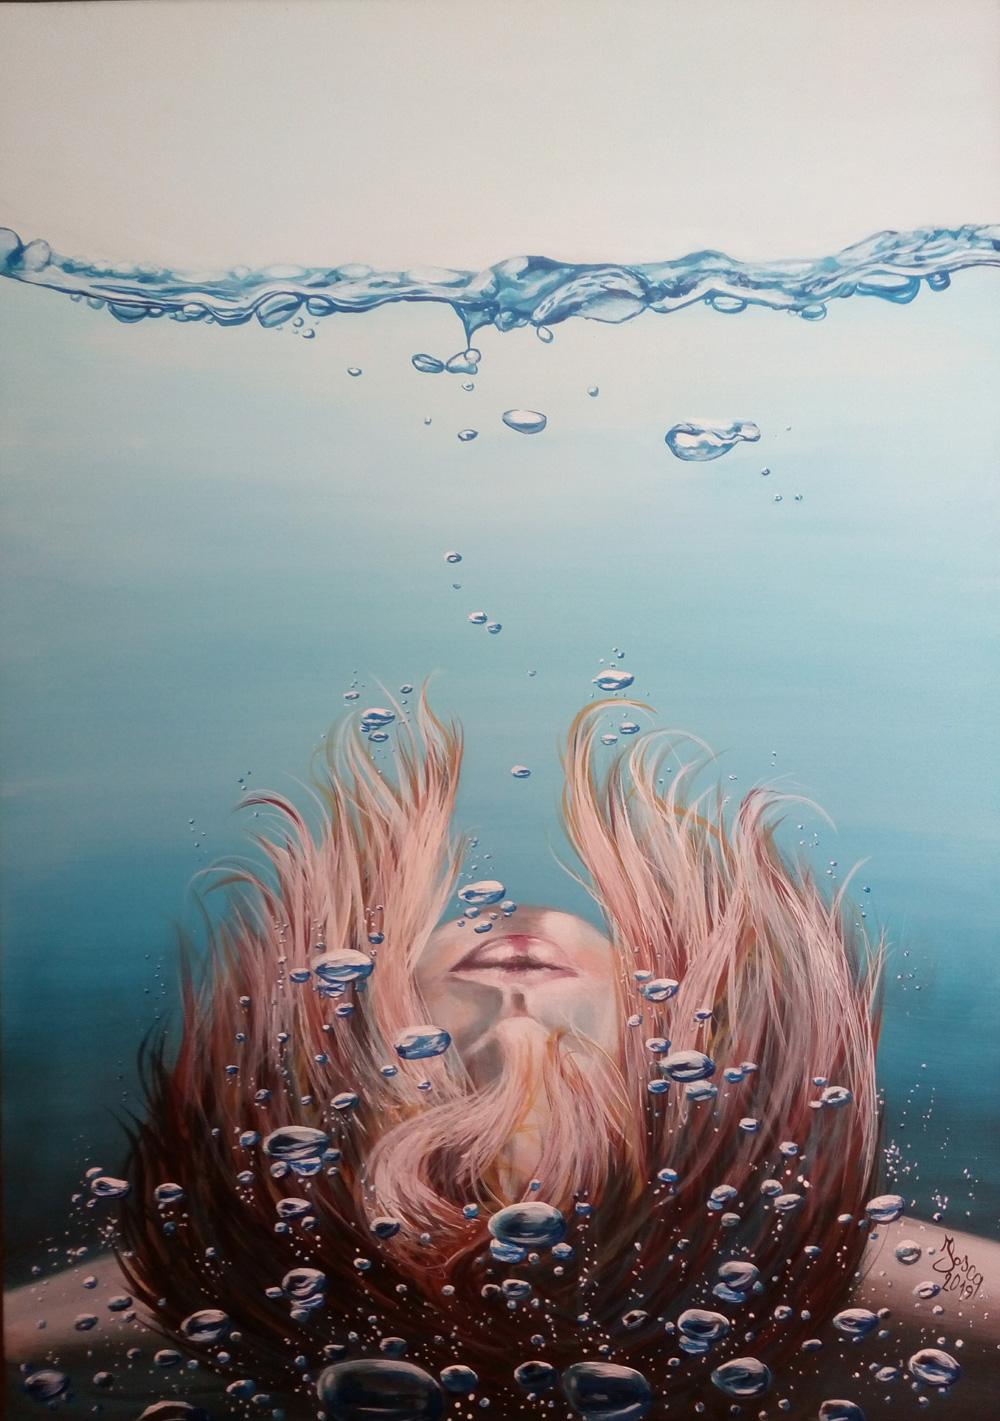 Fosca Villa Il rumore dell'acqua Acrilico su tela 50x70 cm